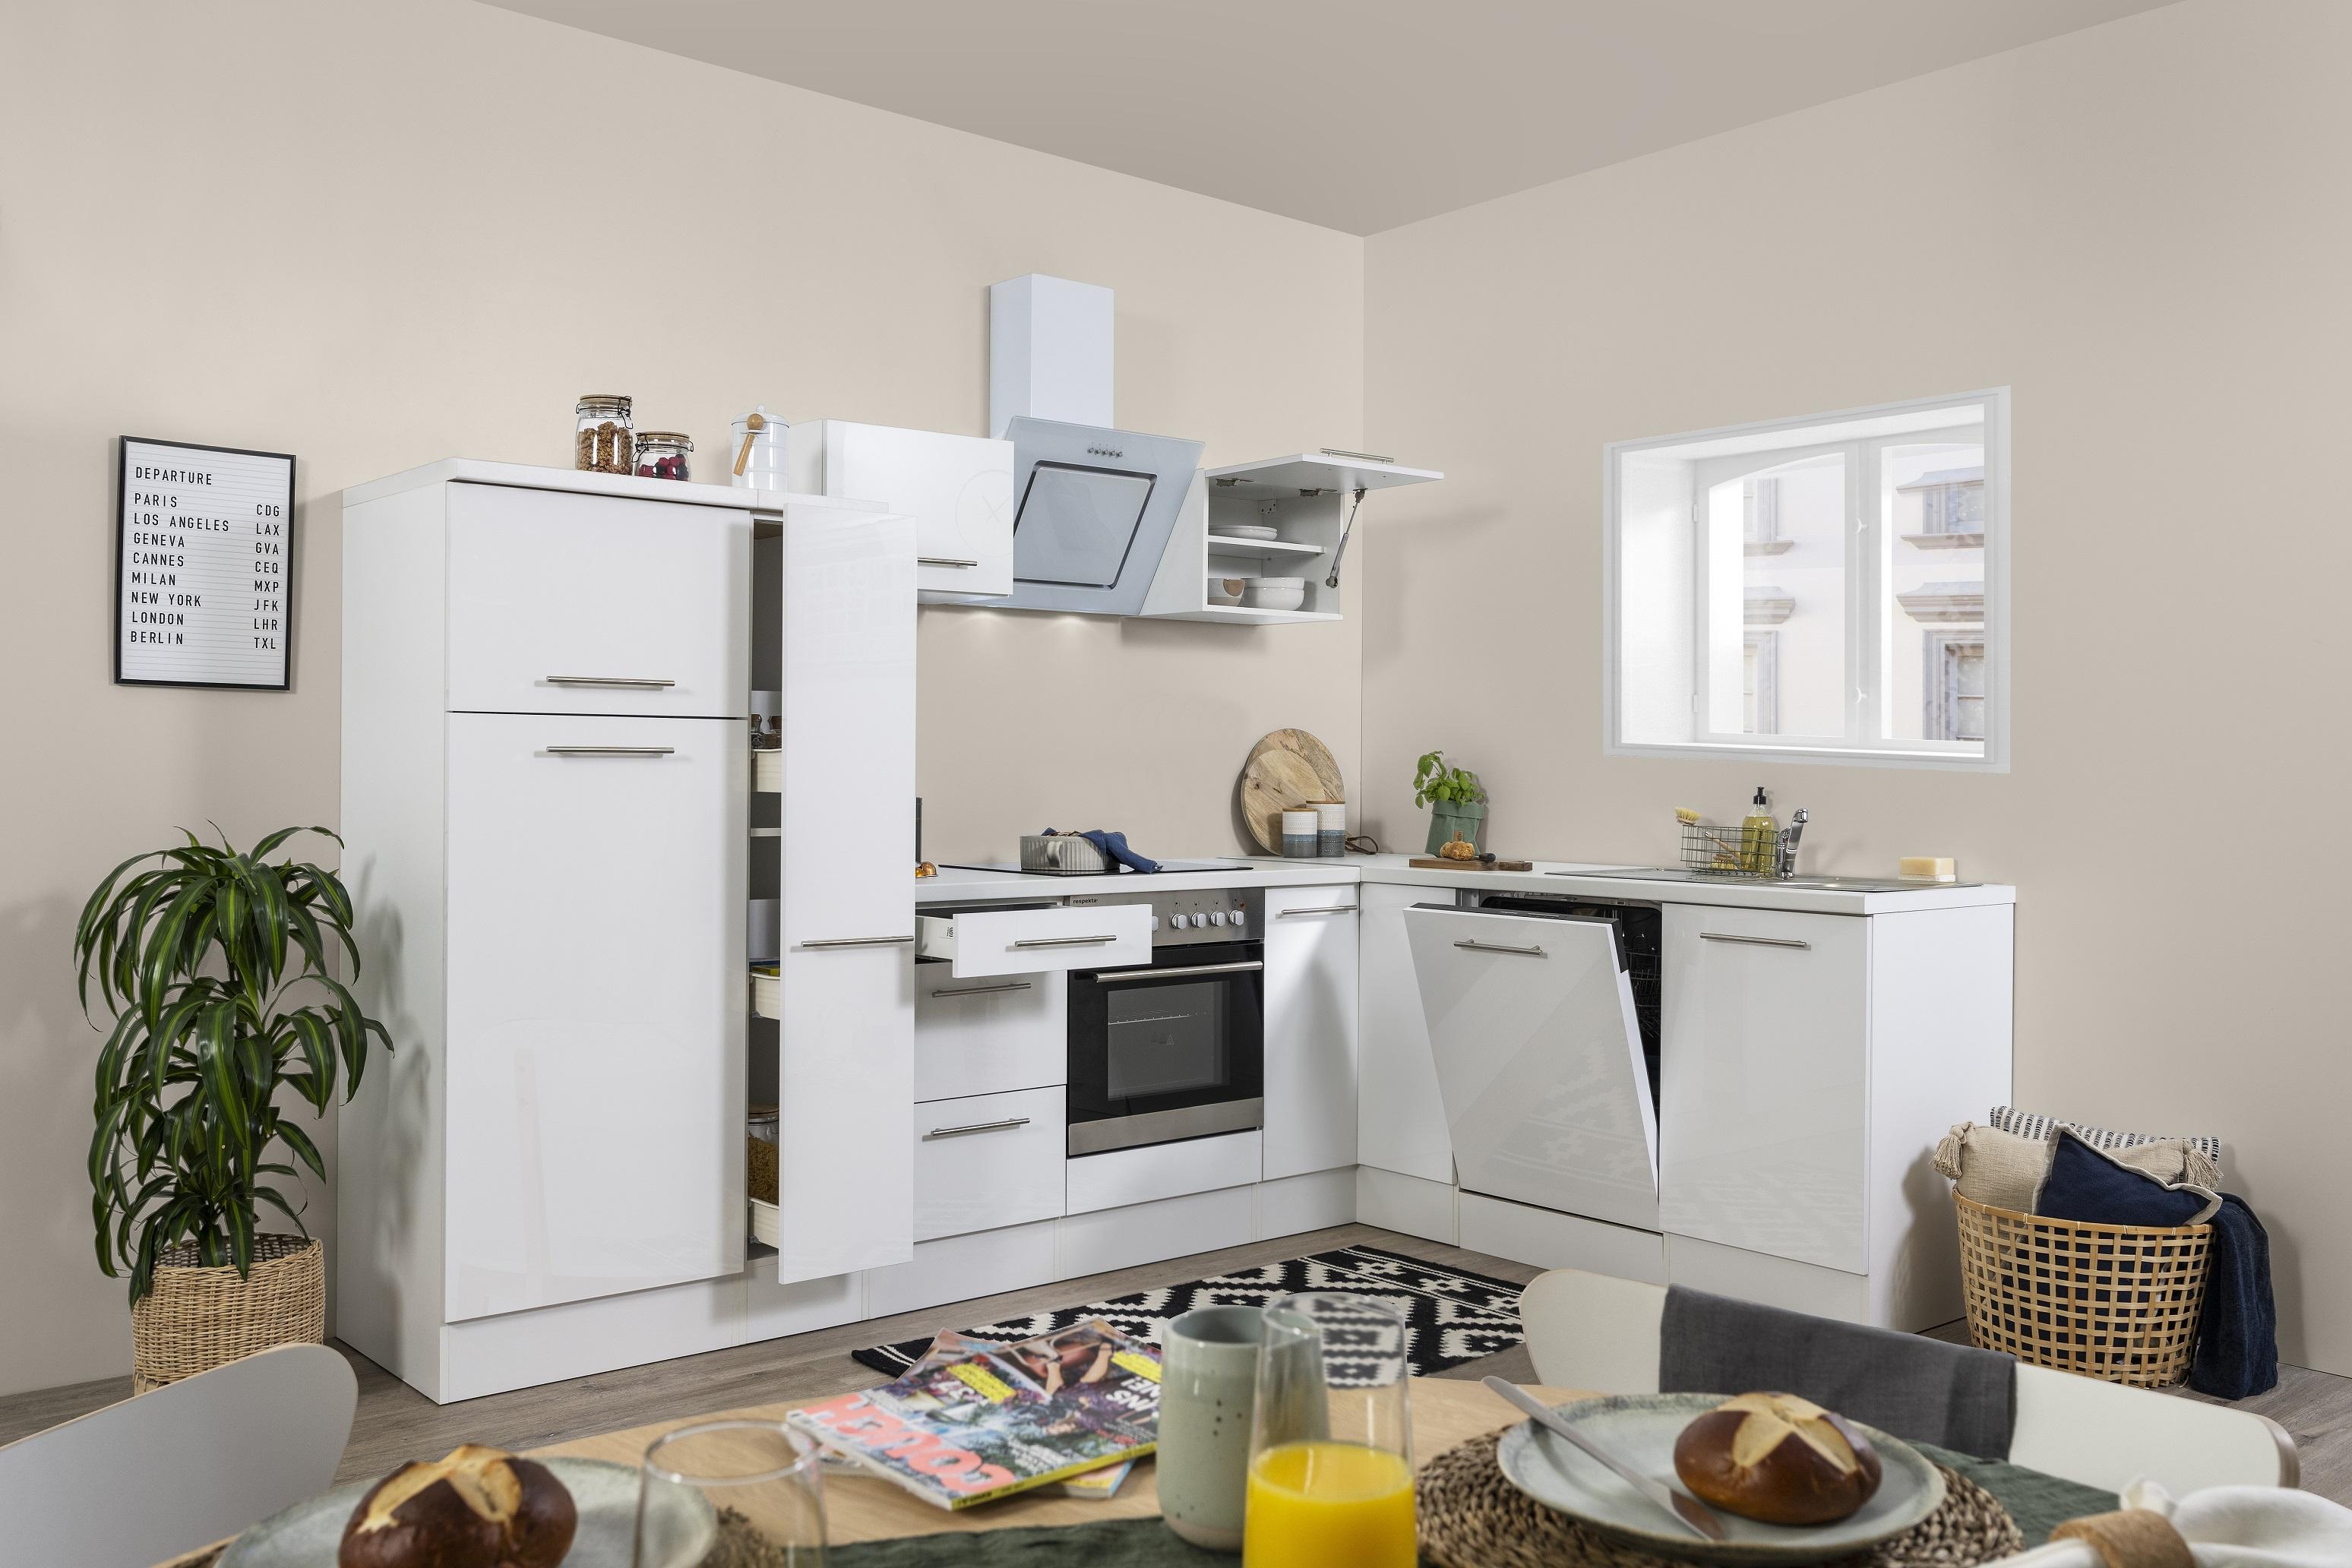 Winkelküche Küchenzeile L-Form Küche Einbauküche weiß Glanz 290x200 cm respekta